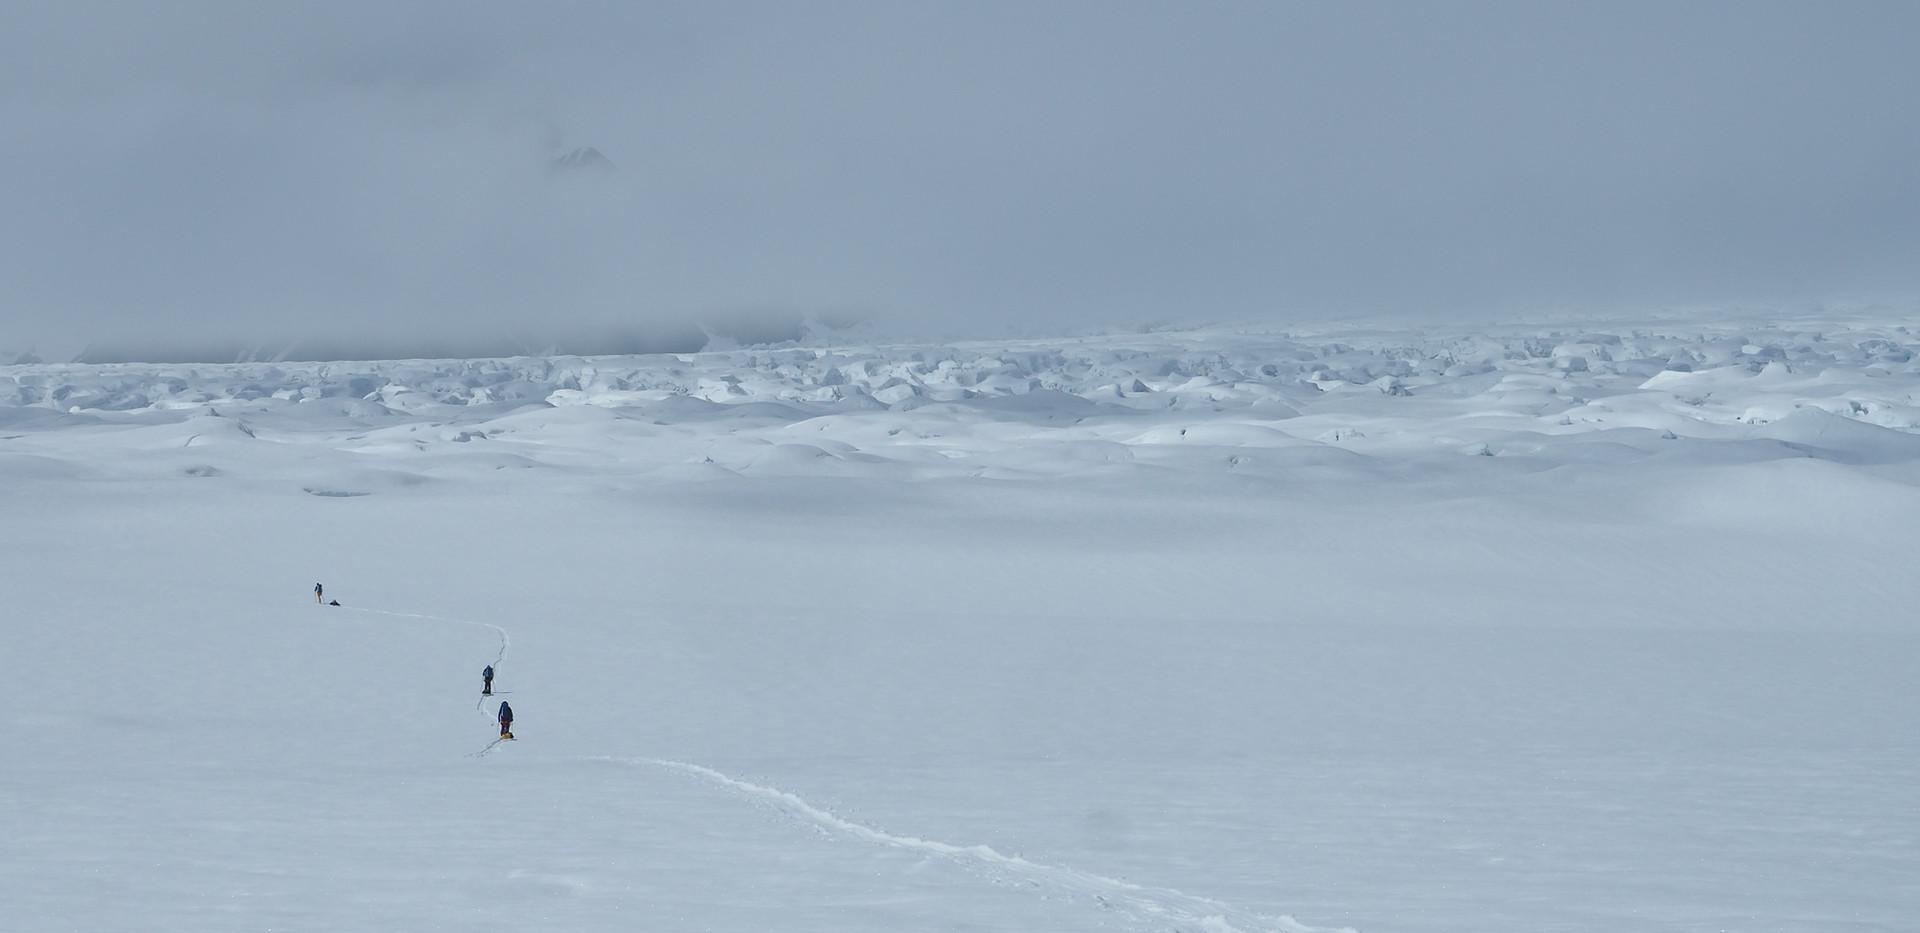 An ocean of ice